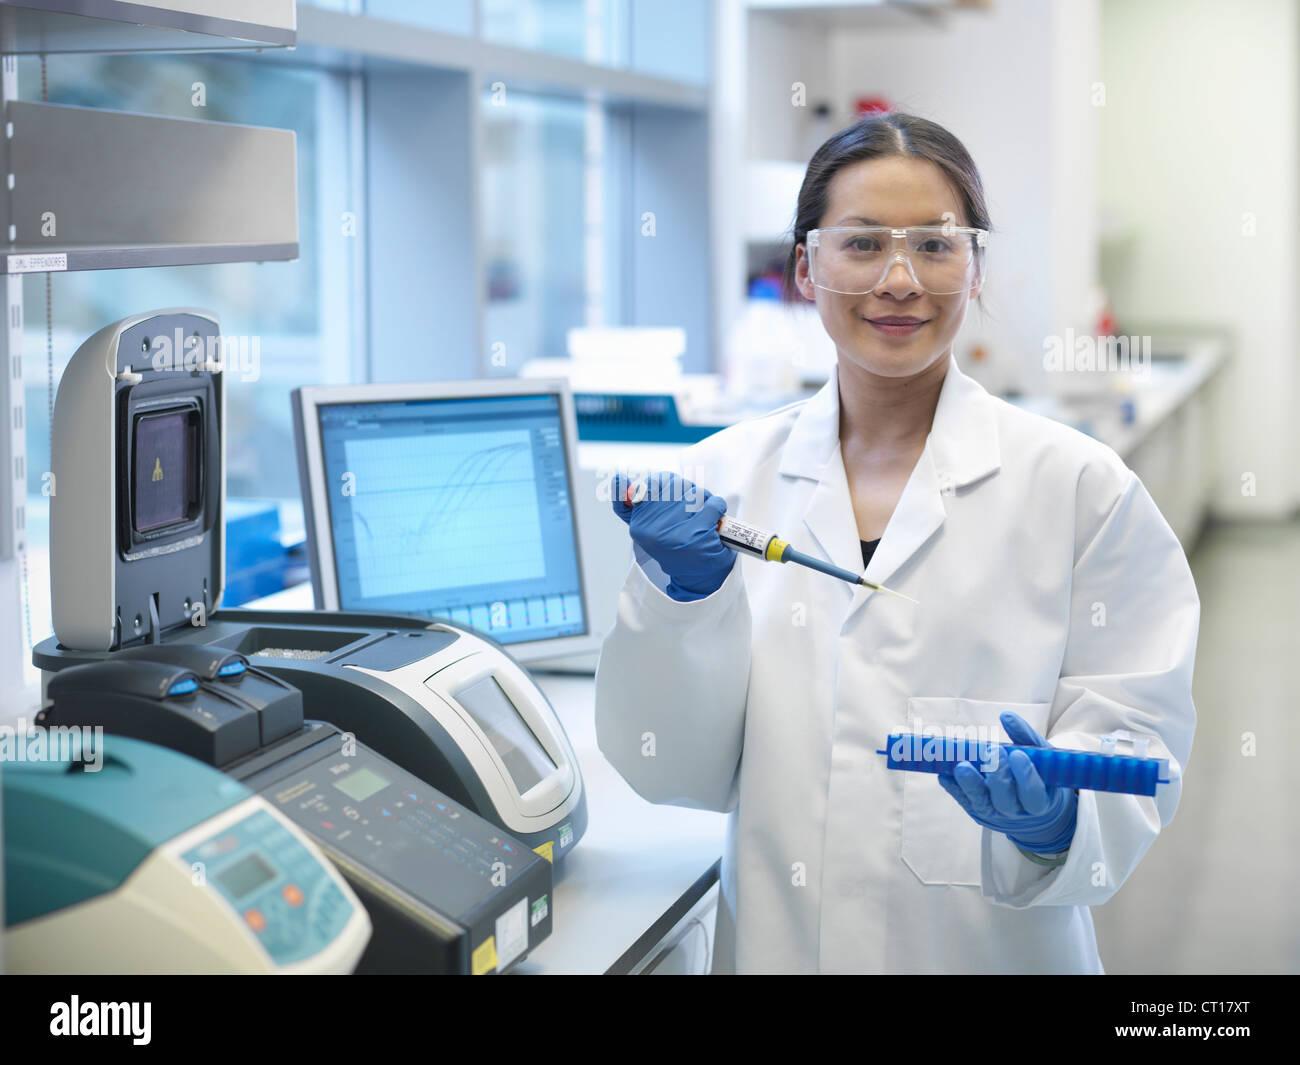 La tuyauterie des scientifiques dans des tubes de liquide Photo Stock